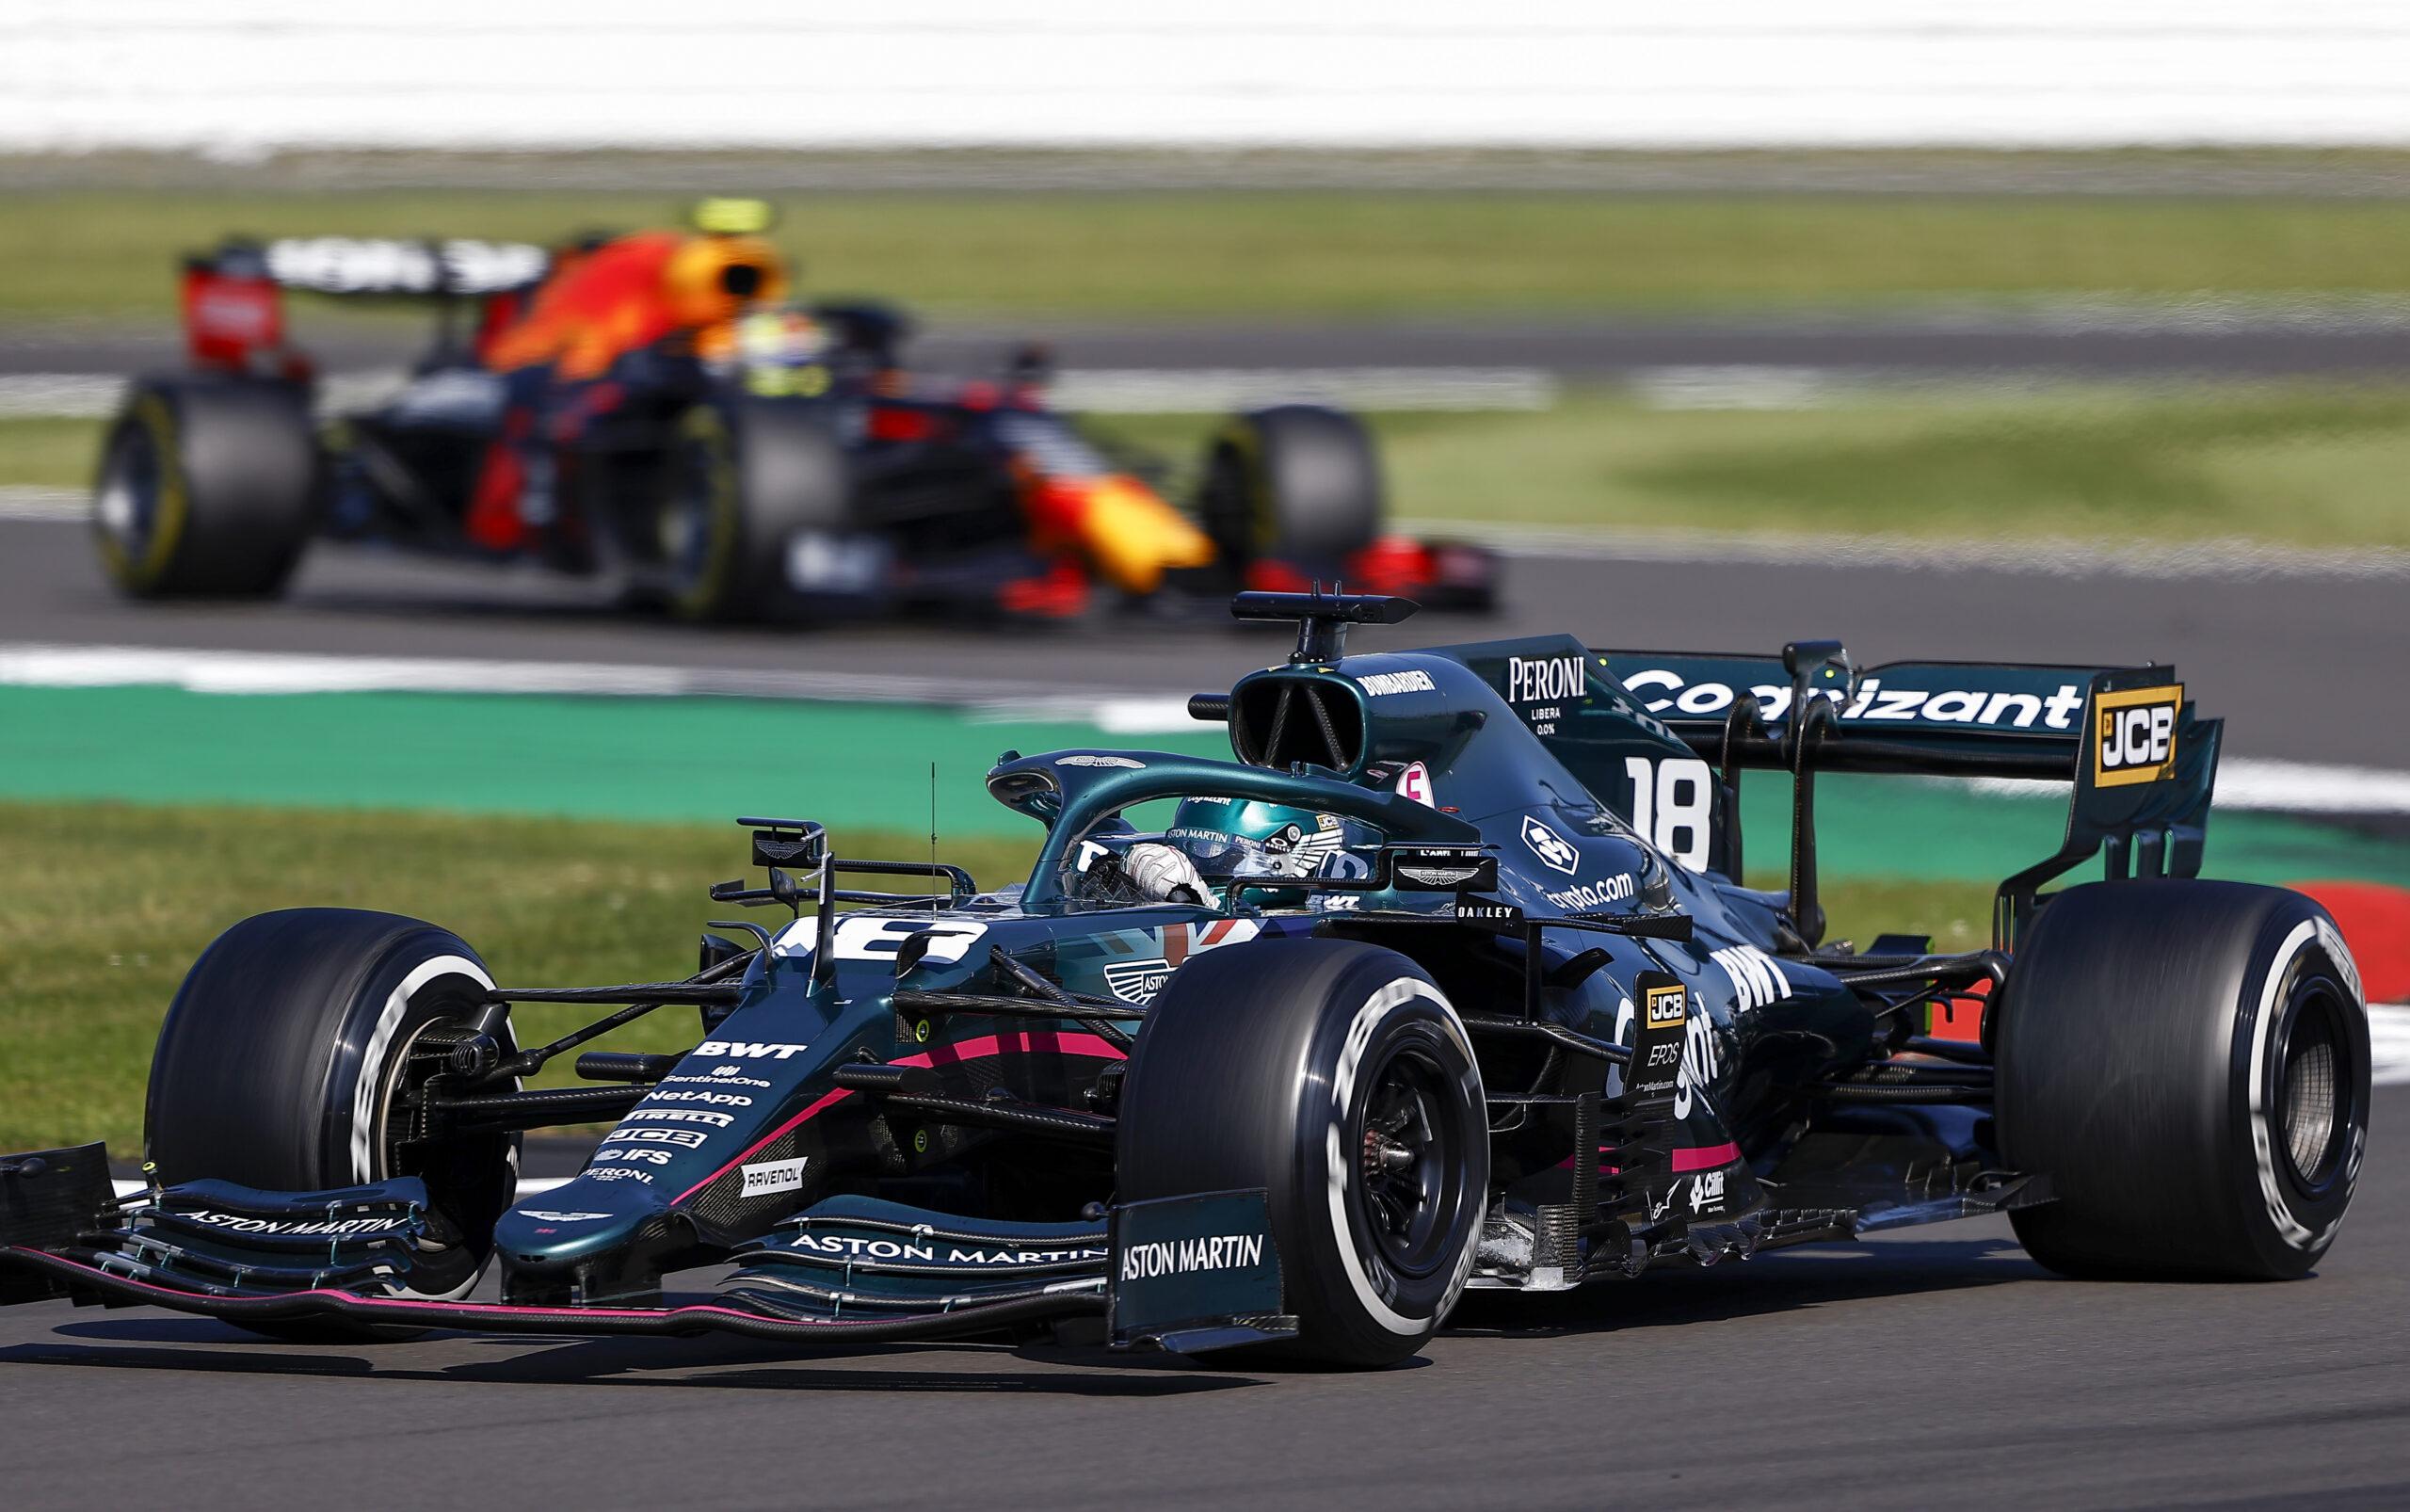 F1 - Trois équipes de F1 en piste à Silverstone cette semaine